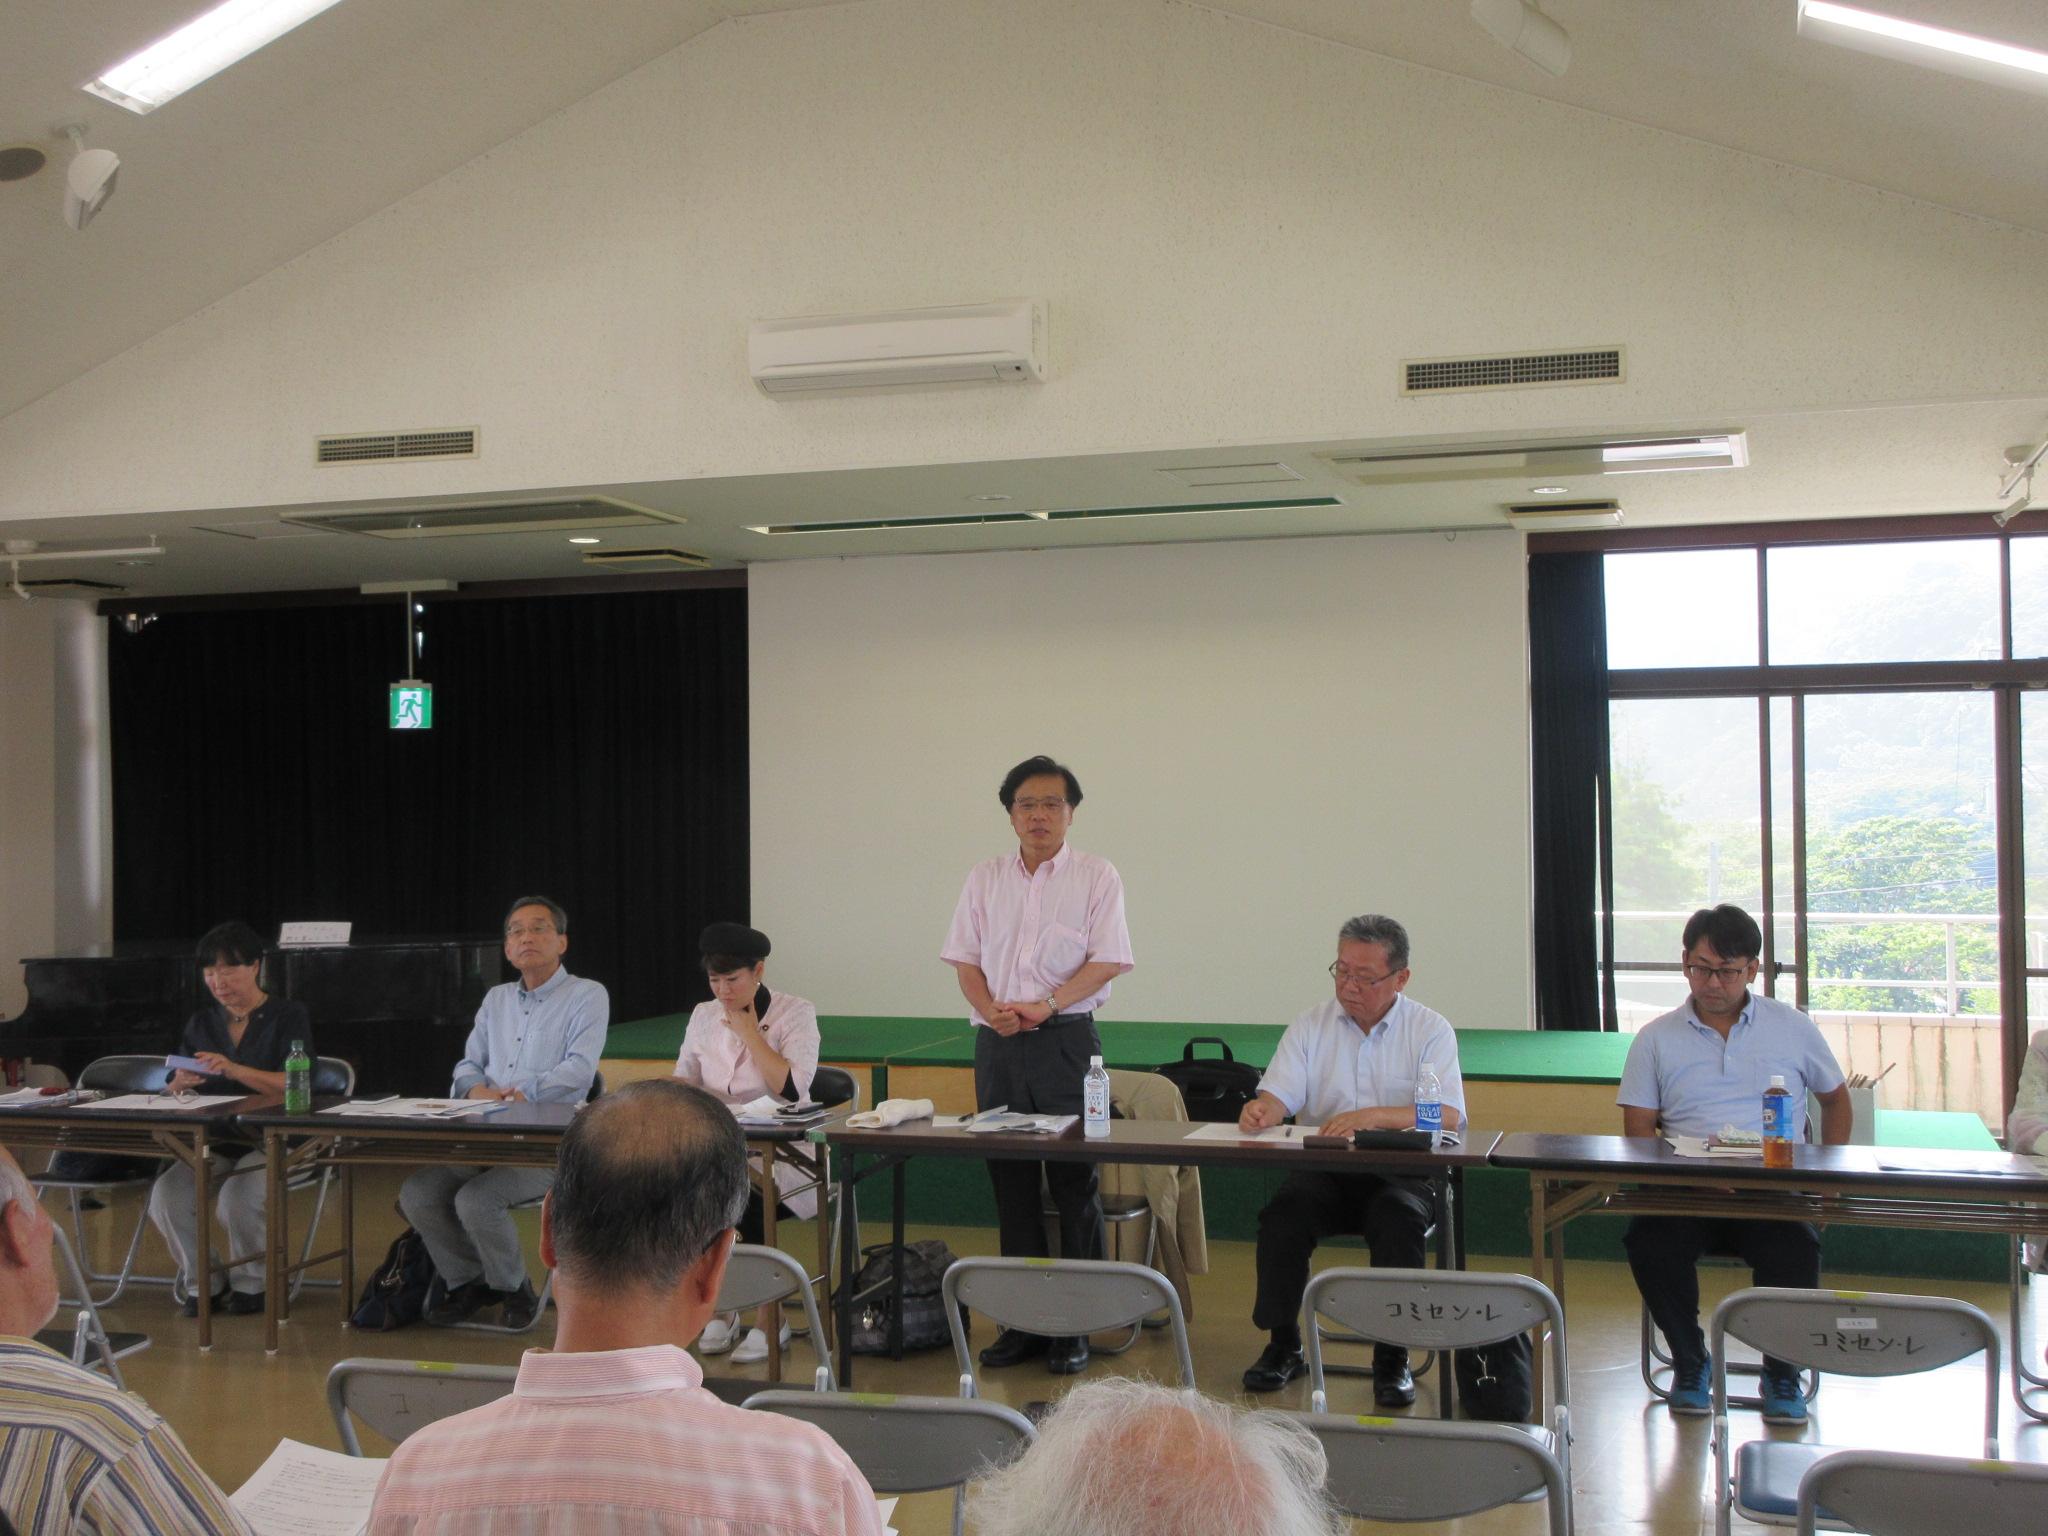 http://www.inoue-satoshi.com/diary/IMG_5785.JPG